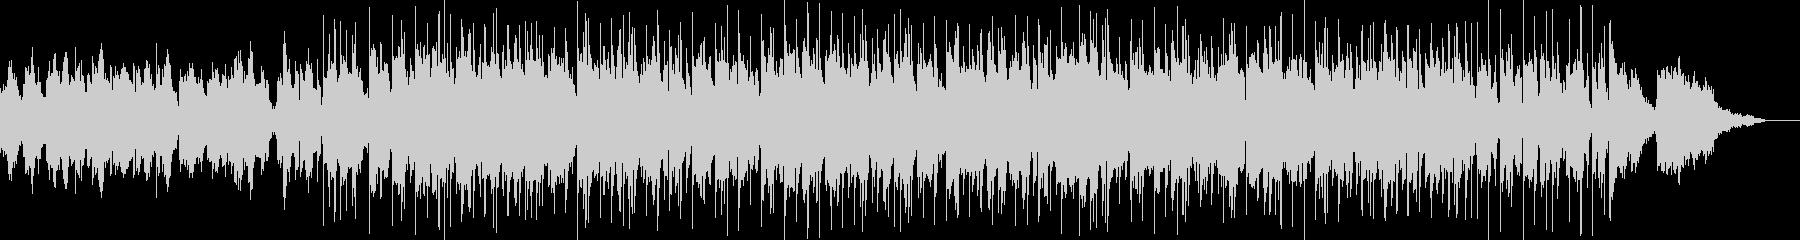 ジャズ風 MIX、アレンジ パターン2の未再生の波形